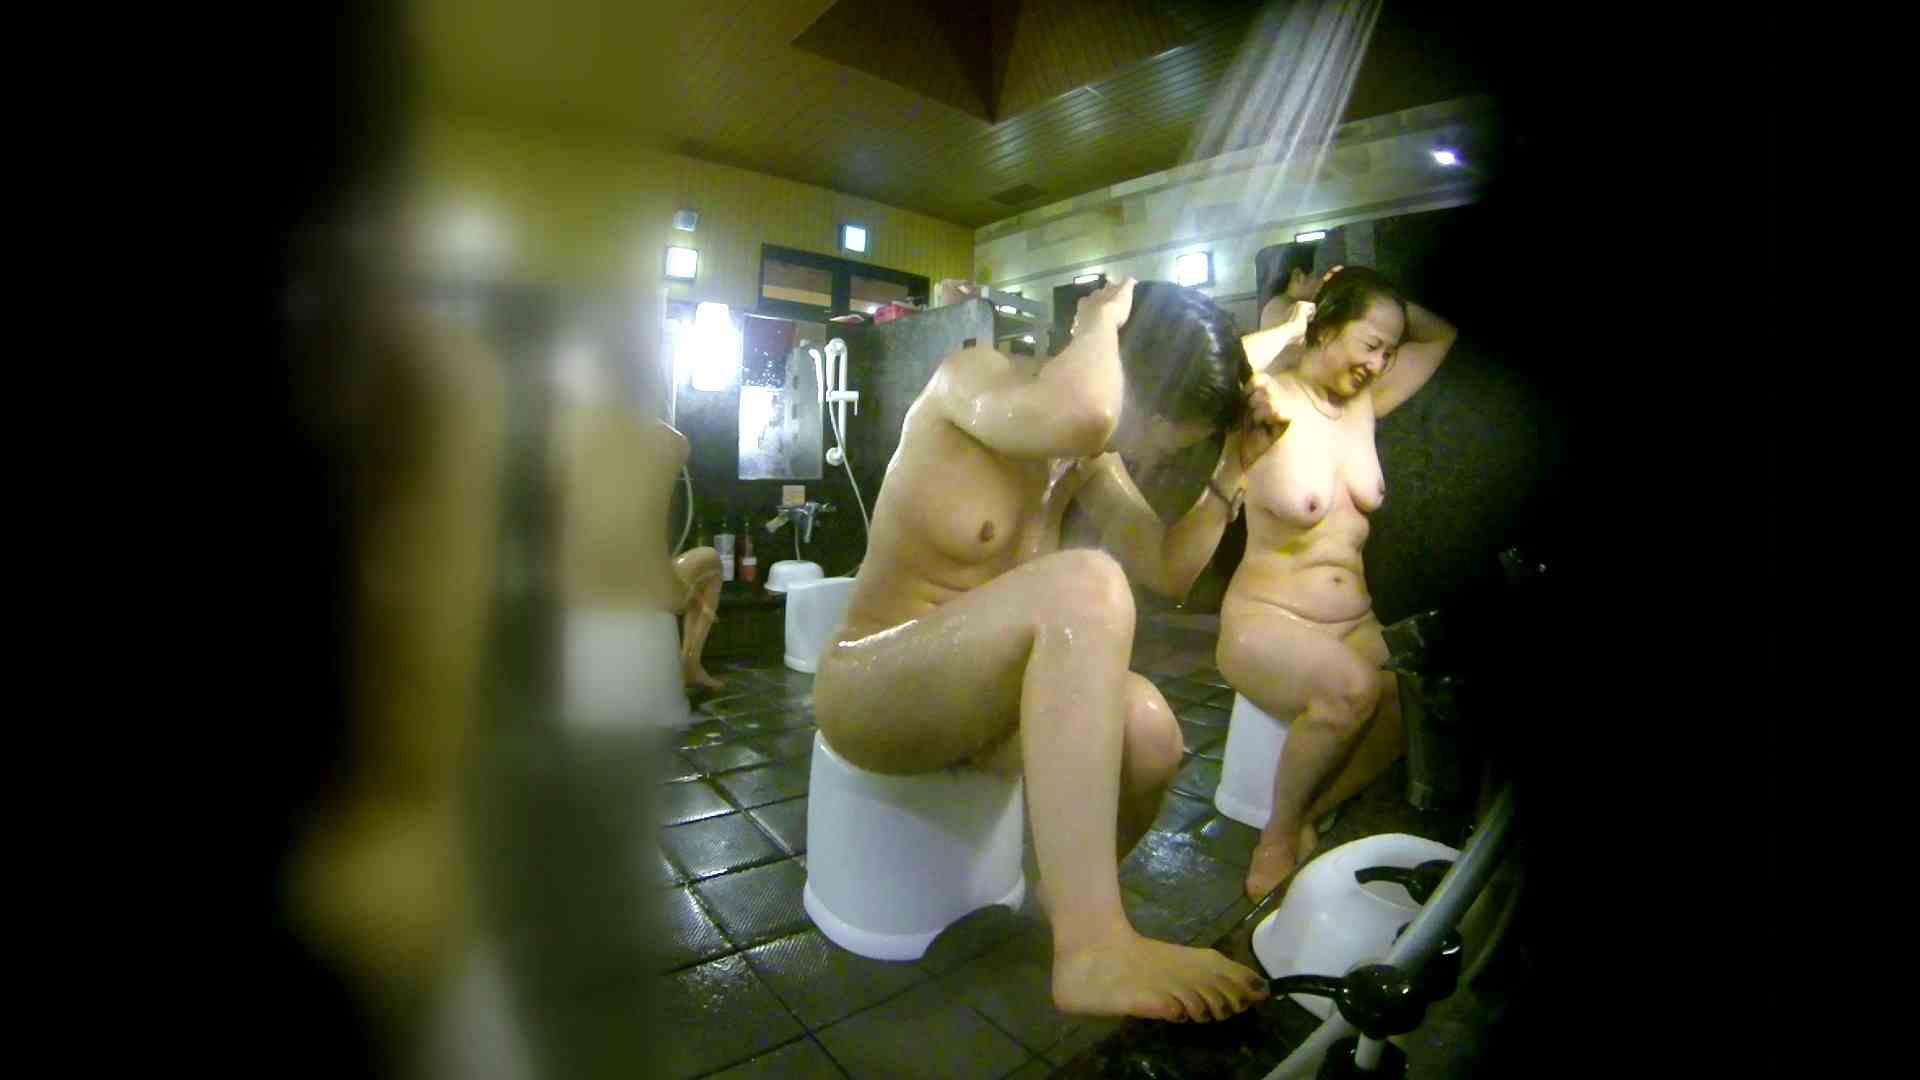 洗い場!右足の位置がいいですね。陰毛もっさり! 潜入 おまんこ動画流出 113pic 47